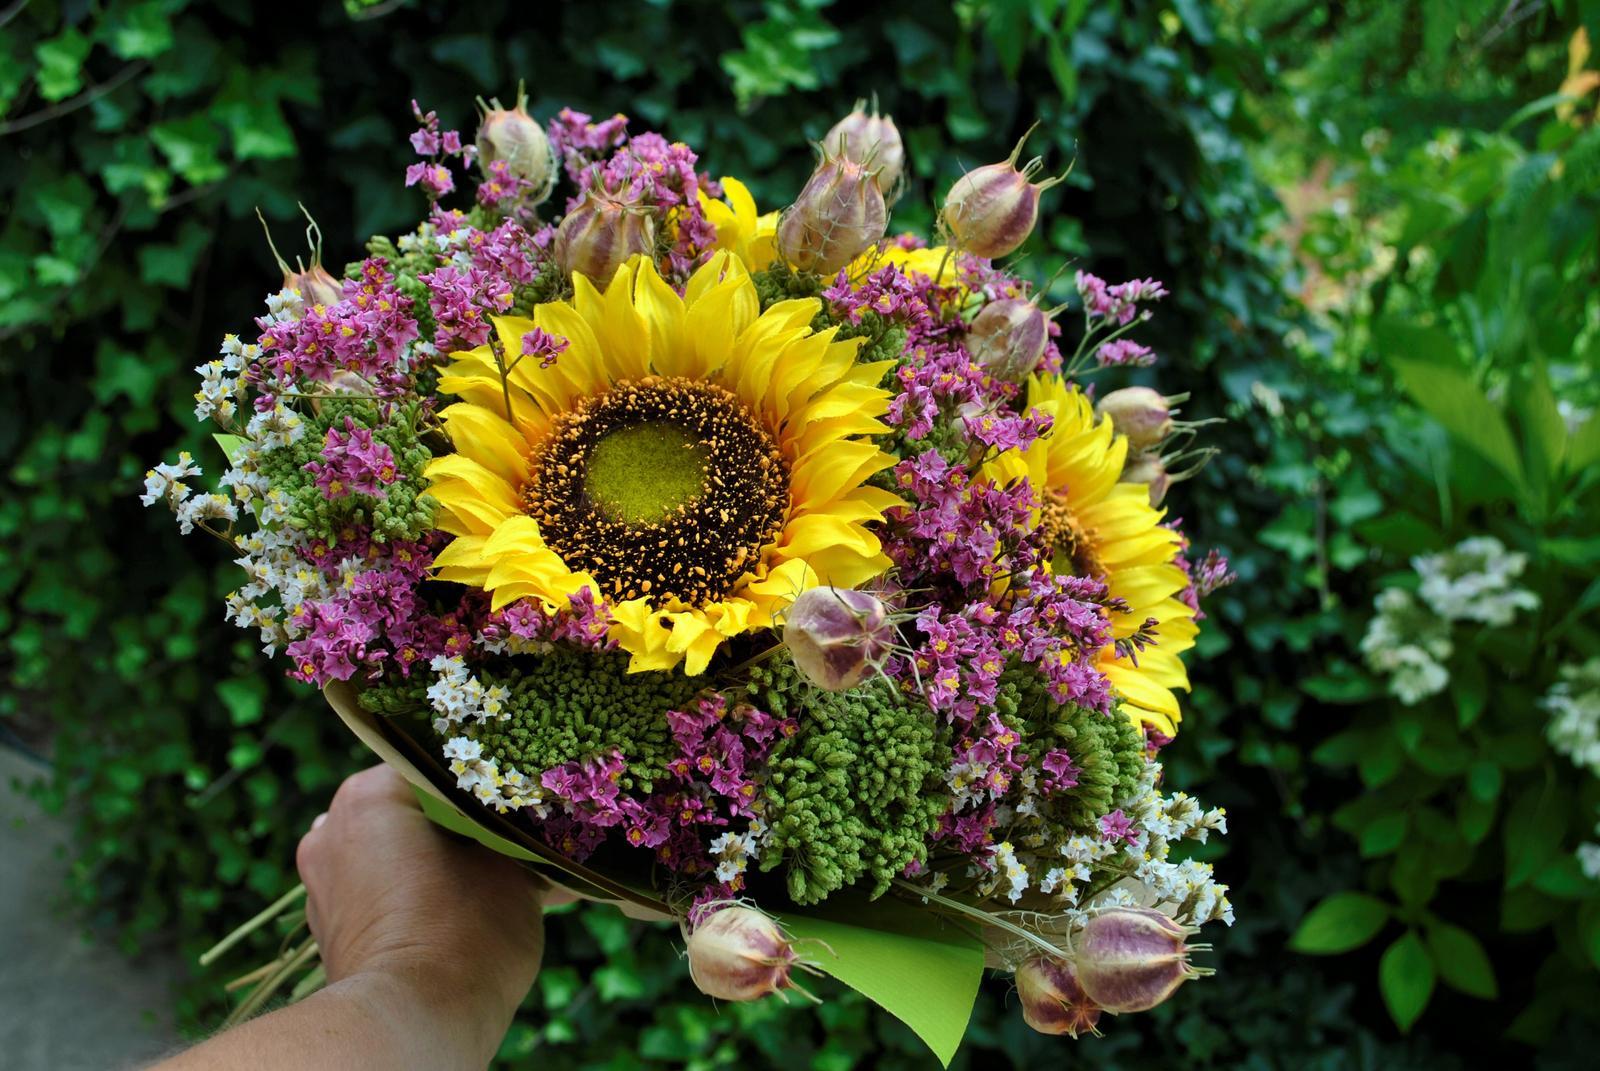 Kytica SLNEČNICE z textilných a sušených kvetov... potešenie z kvetov na dlhú dobu , kyticu aj samotné kvety nájdete v našej ponuke e-shopu - Obrázok č. 1